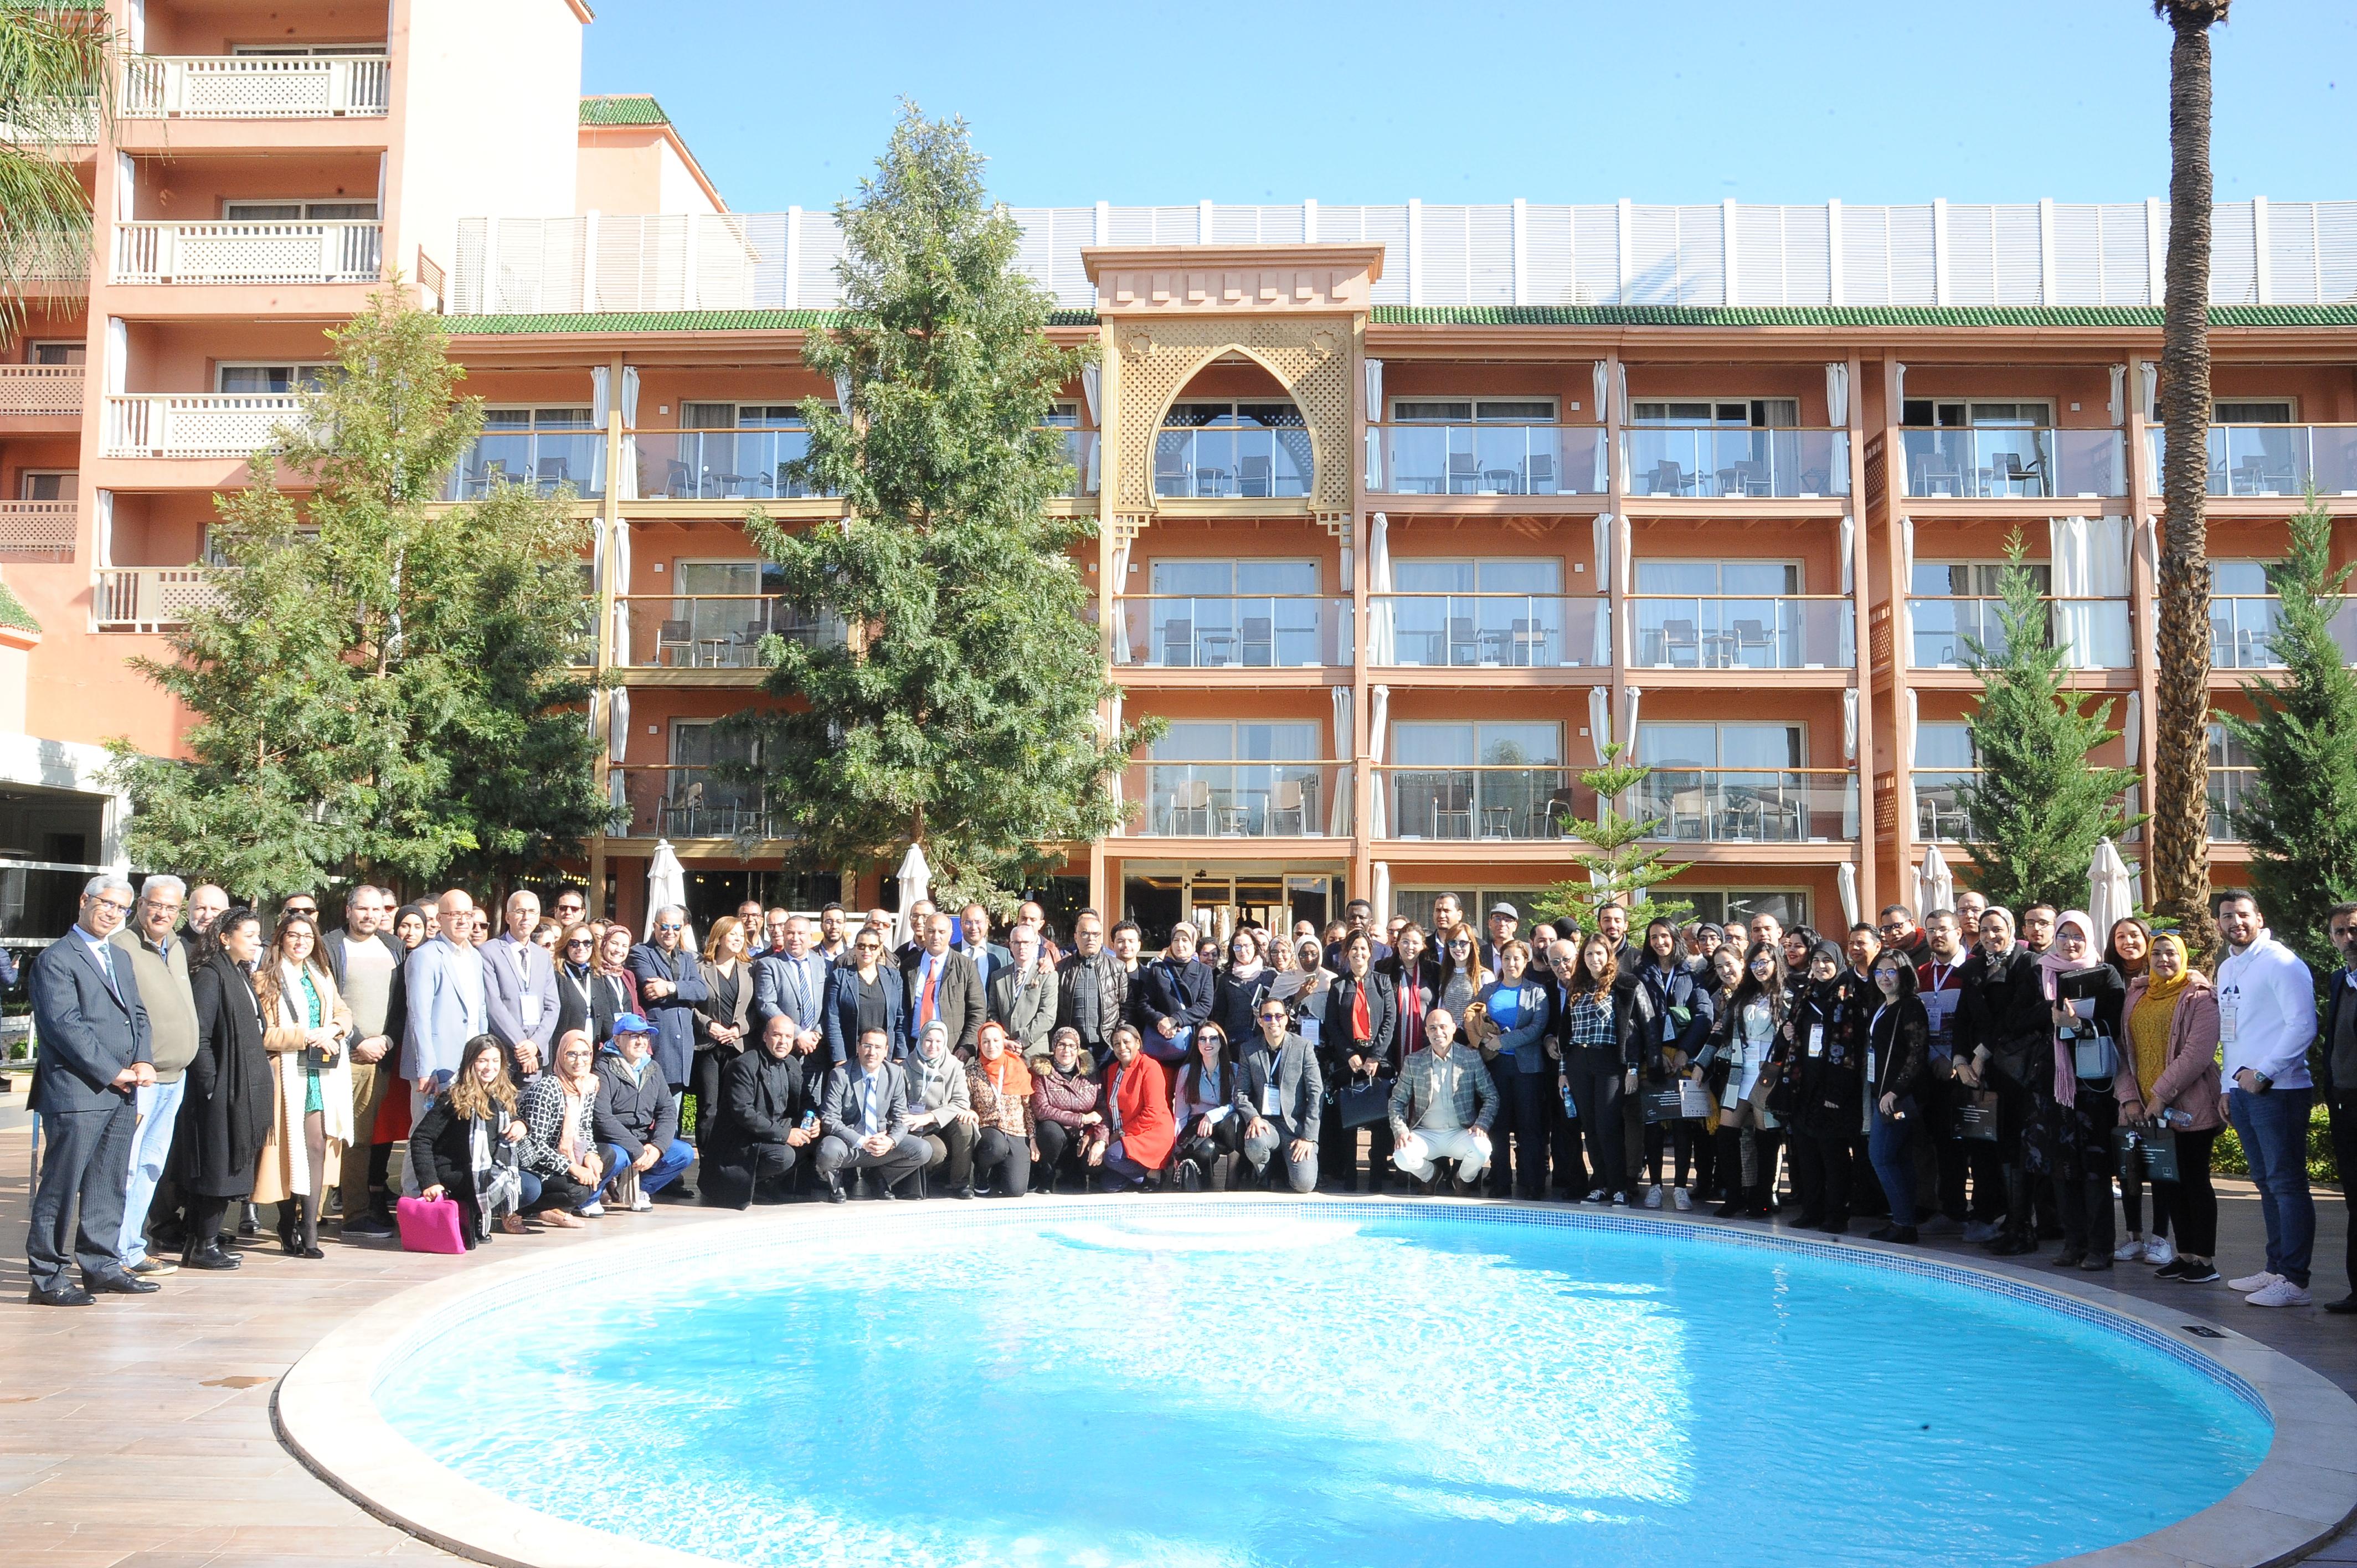 Colloque International de Recherche en Économie et Gestion